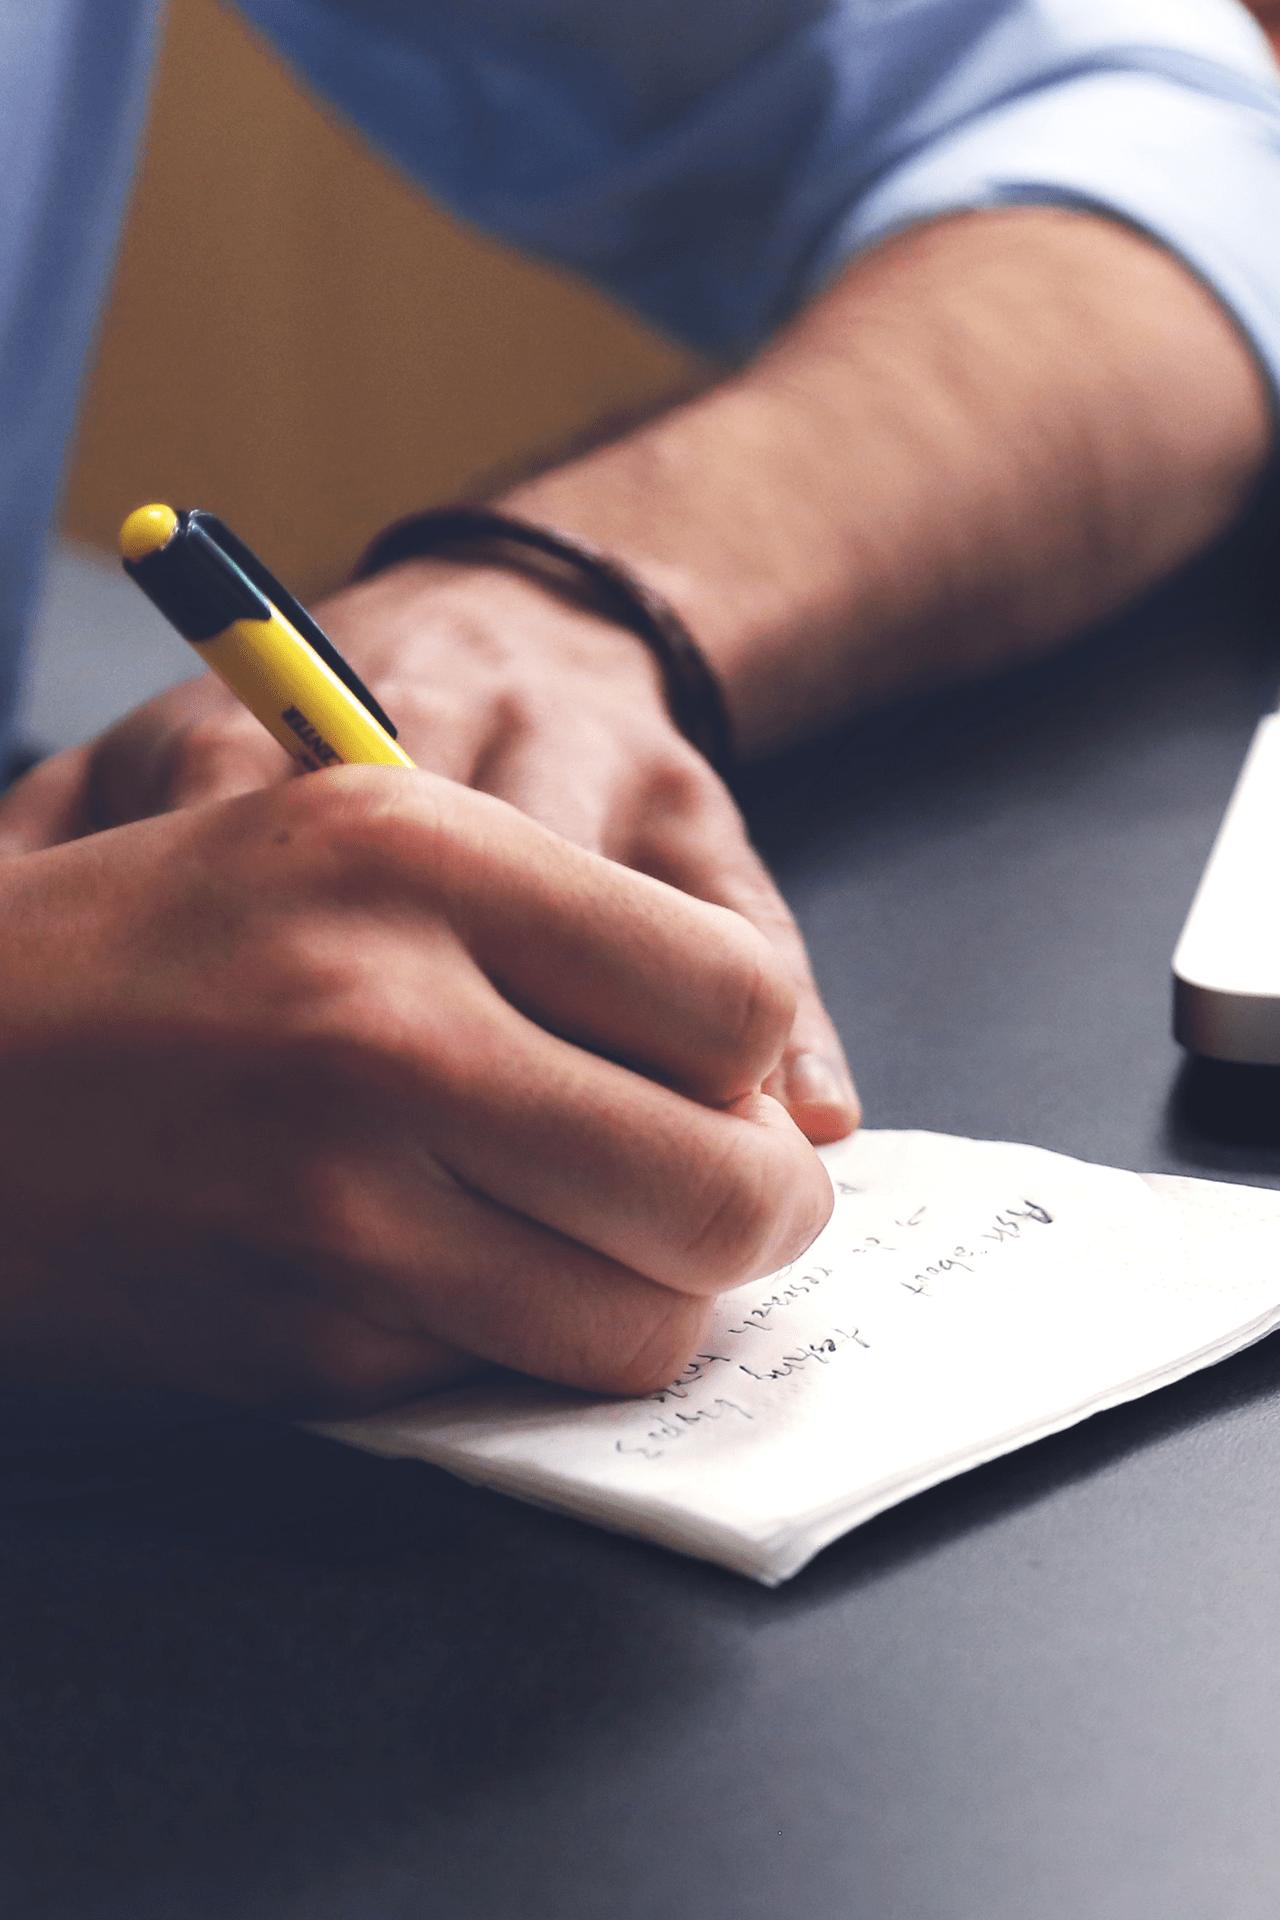 cattive abitudini di scrittura